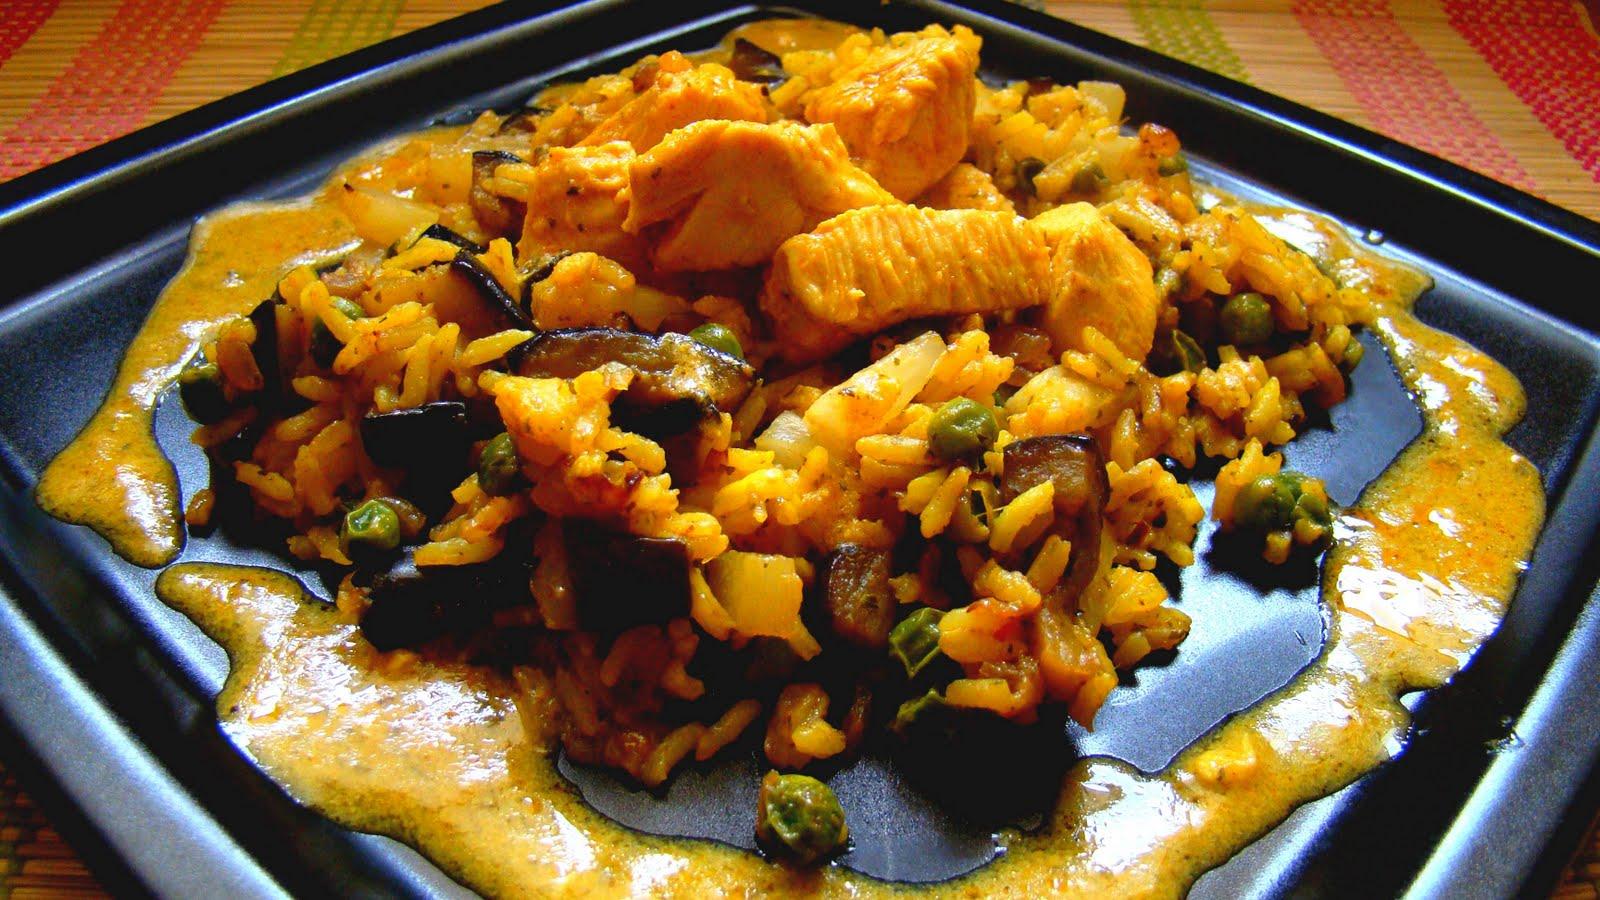 Potrawyregionalne Kurczak W Curry Z Ryzem Ananasem I Warzywami